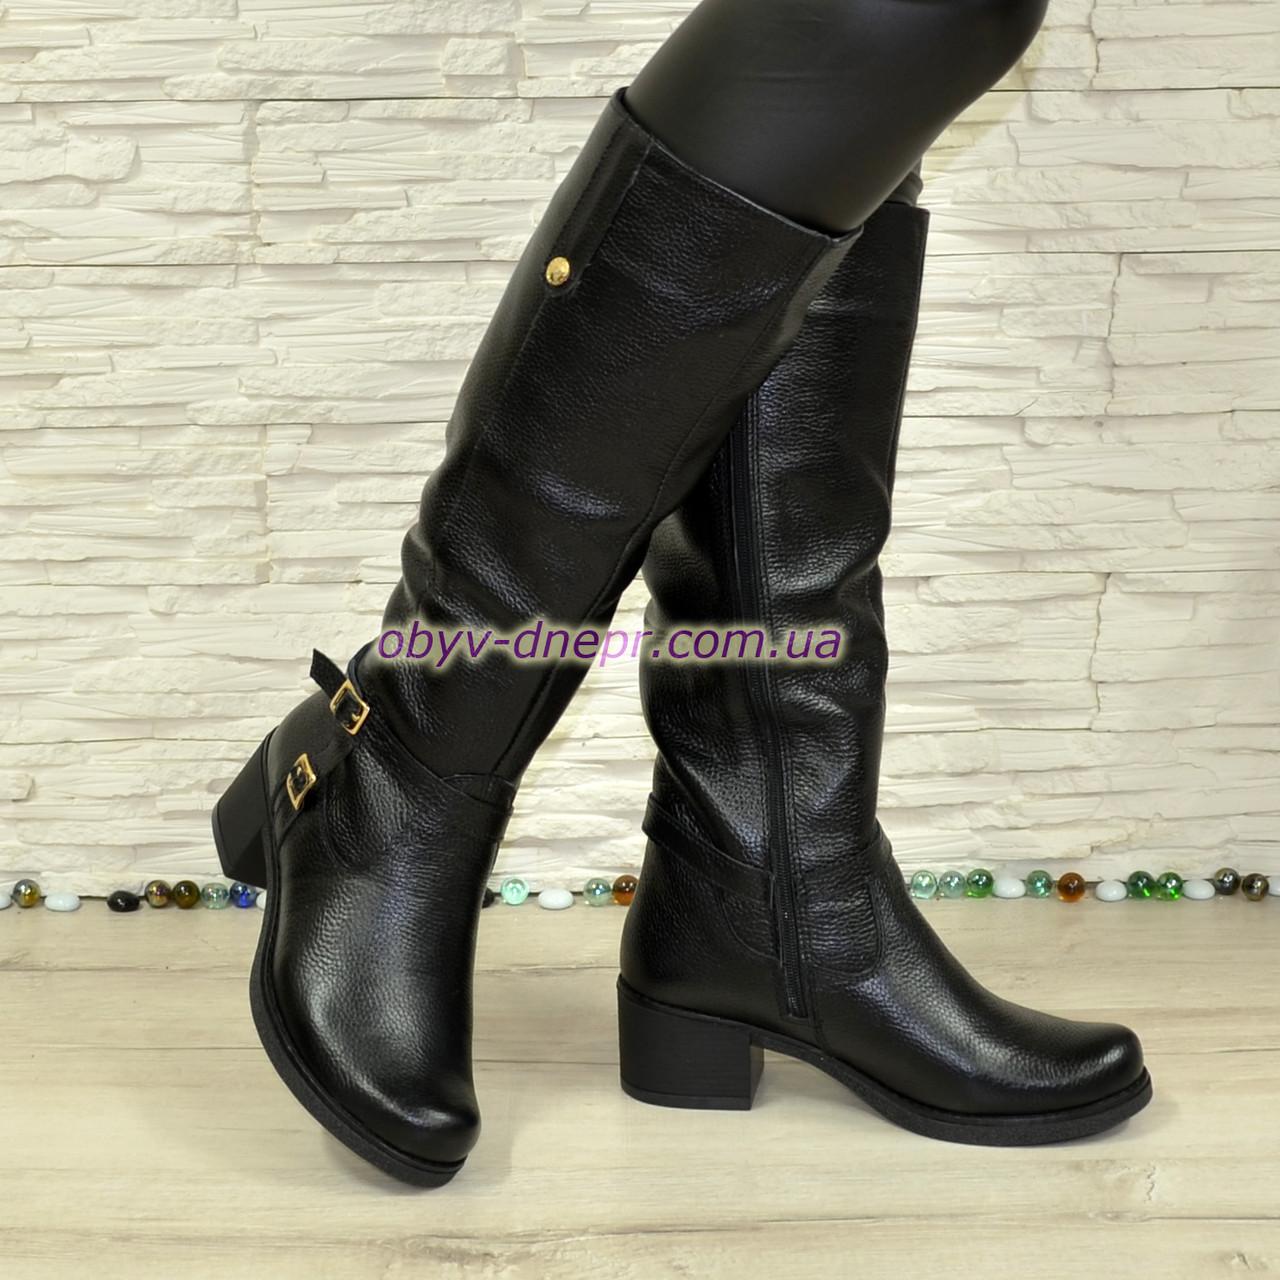 Сапоги женские кожаные зимние на невысоком каблуке